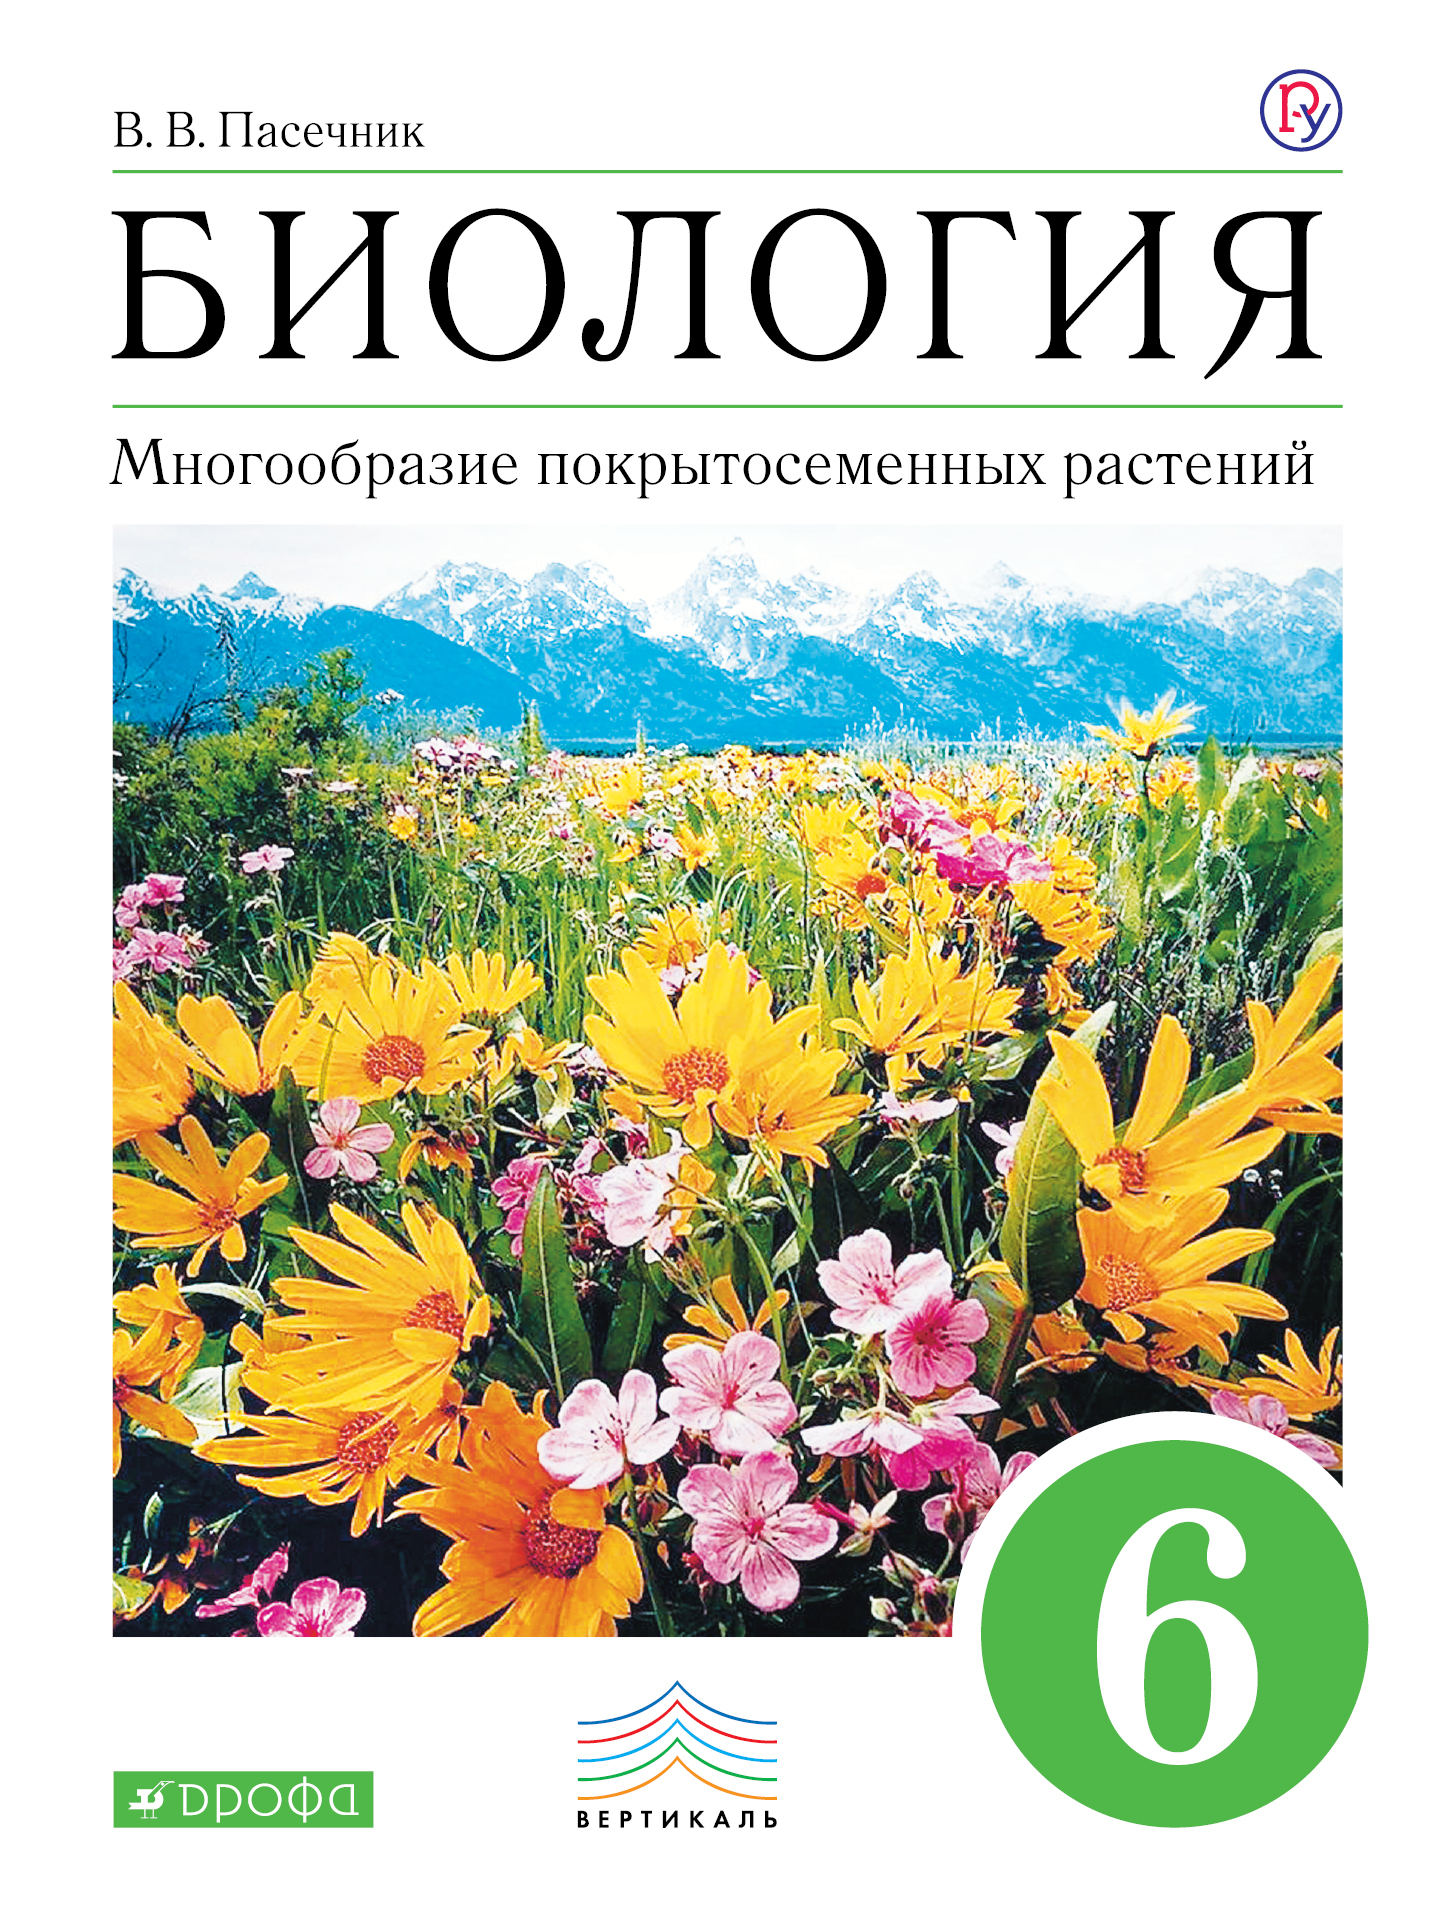 Пасечник В.В. Биология. Многообразие покрытосеменных растений. 6 класс. Учебник. ВЕРТИКАЛЬ цена 2017